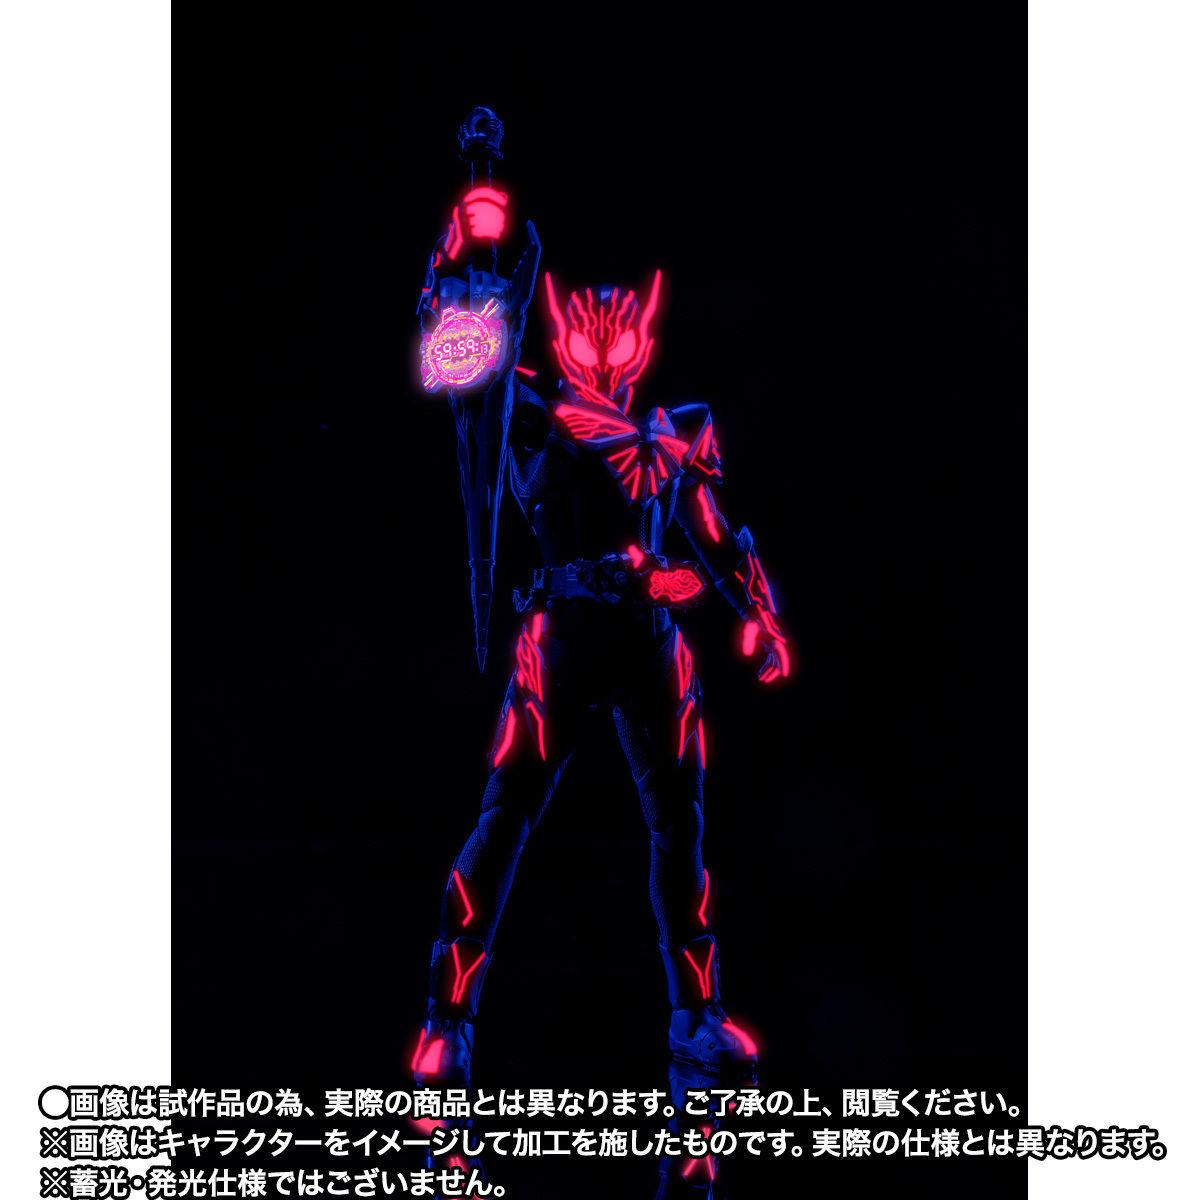 【限定販売】S.H.Figuarts『仮面ライダーエデン』仮面ライダーゼロワン REAL×TIME 可動フィギュア-006